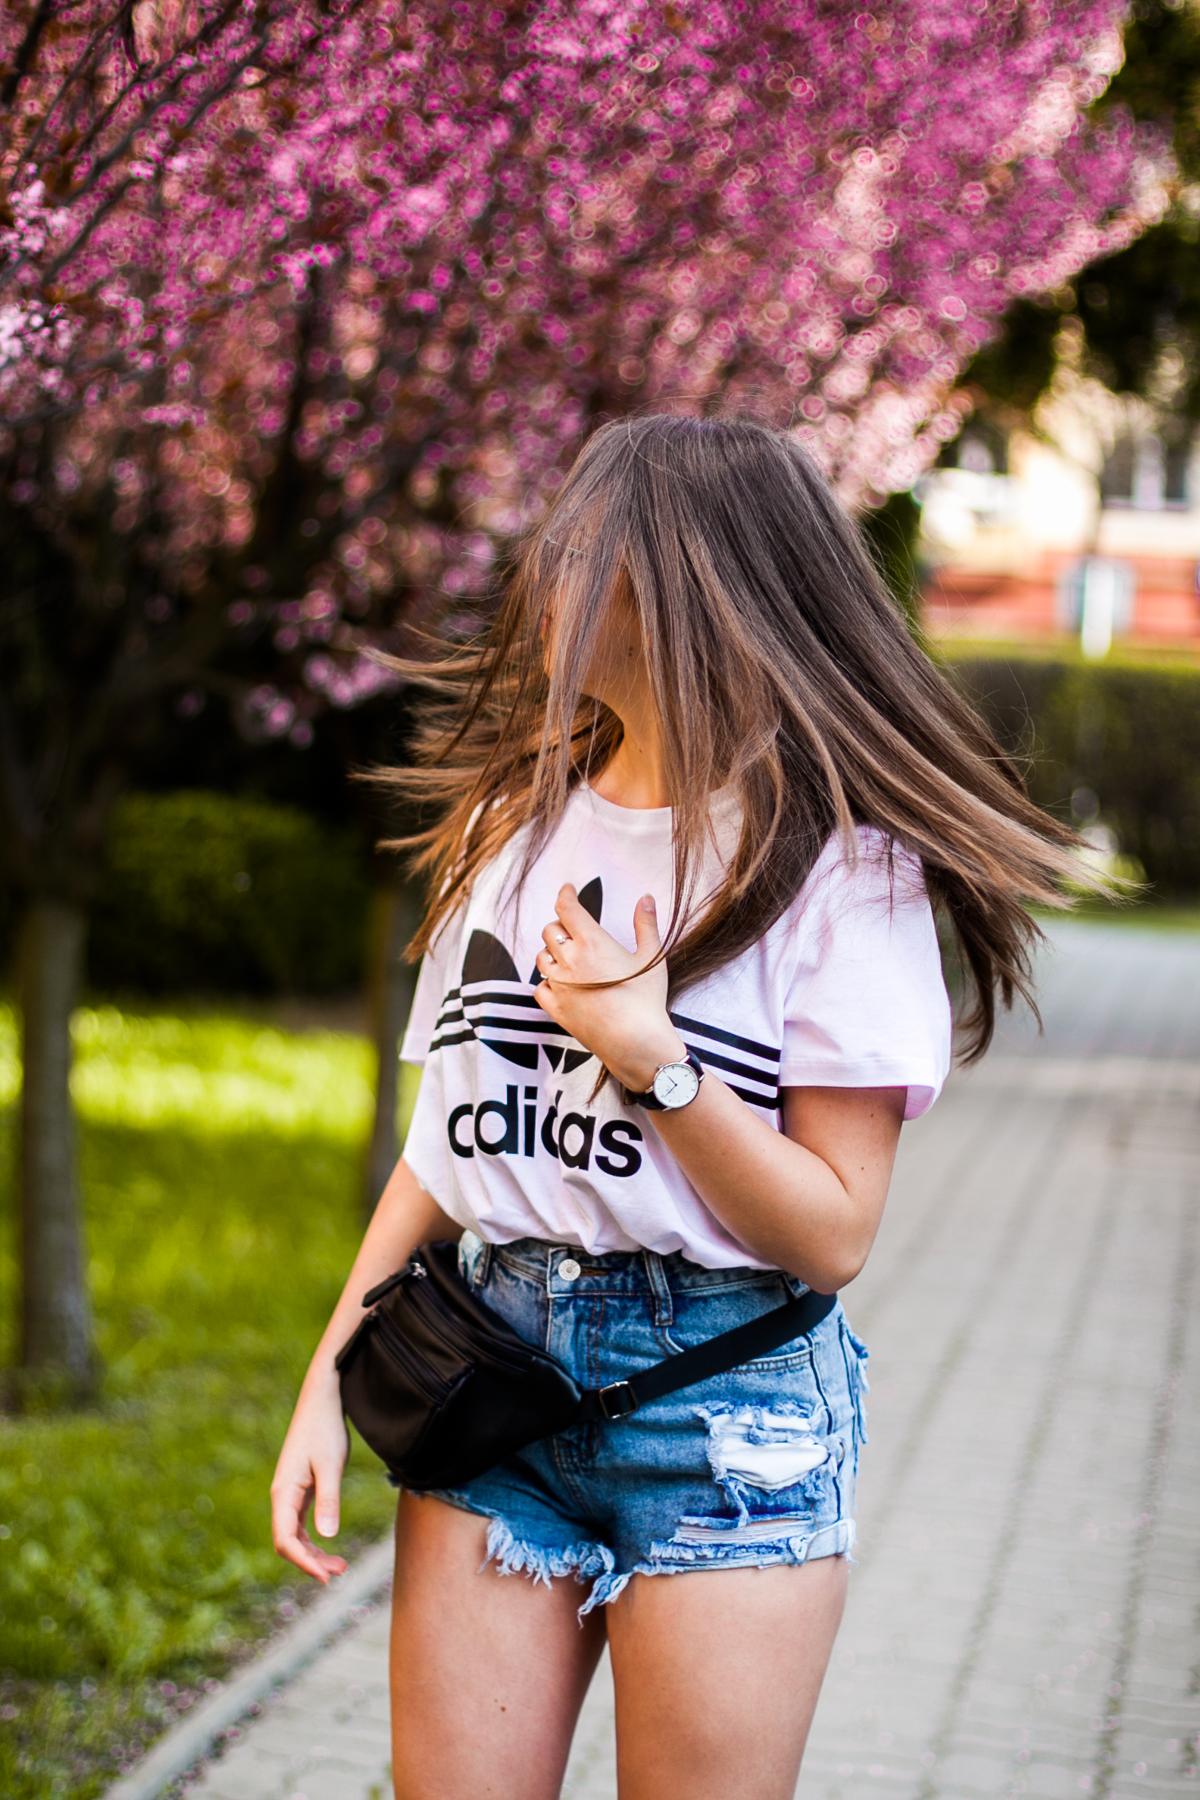 klasyczny t-shirt adidas stylizacja